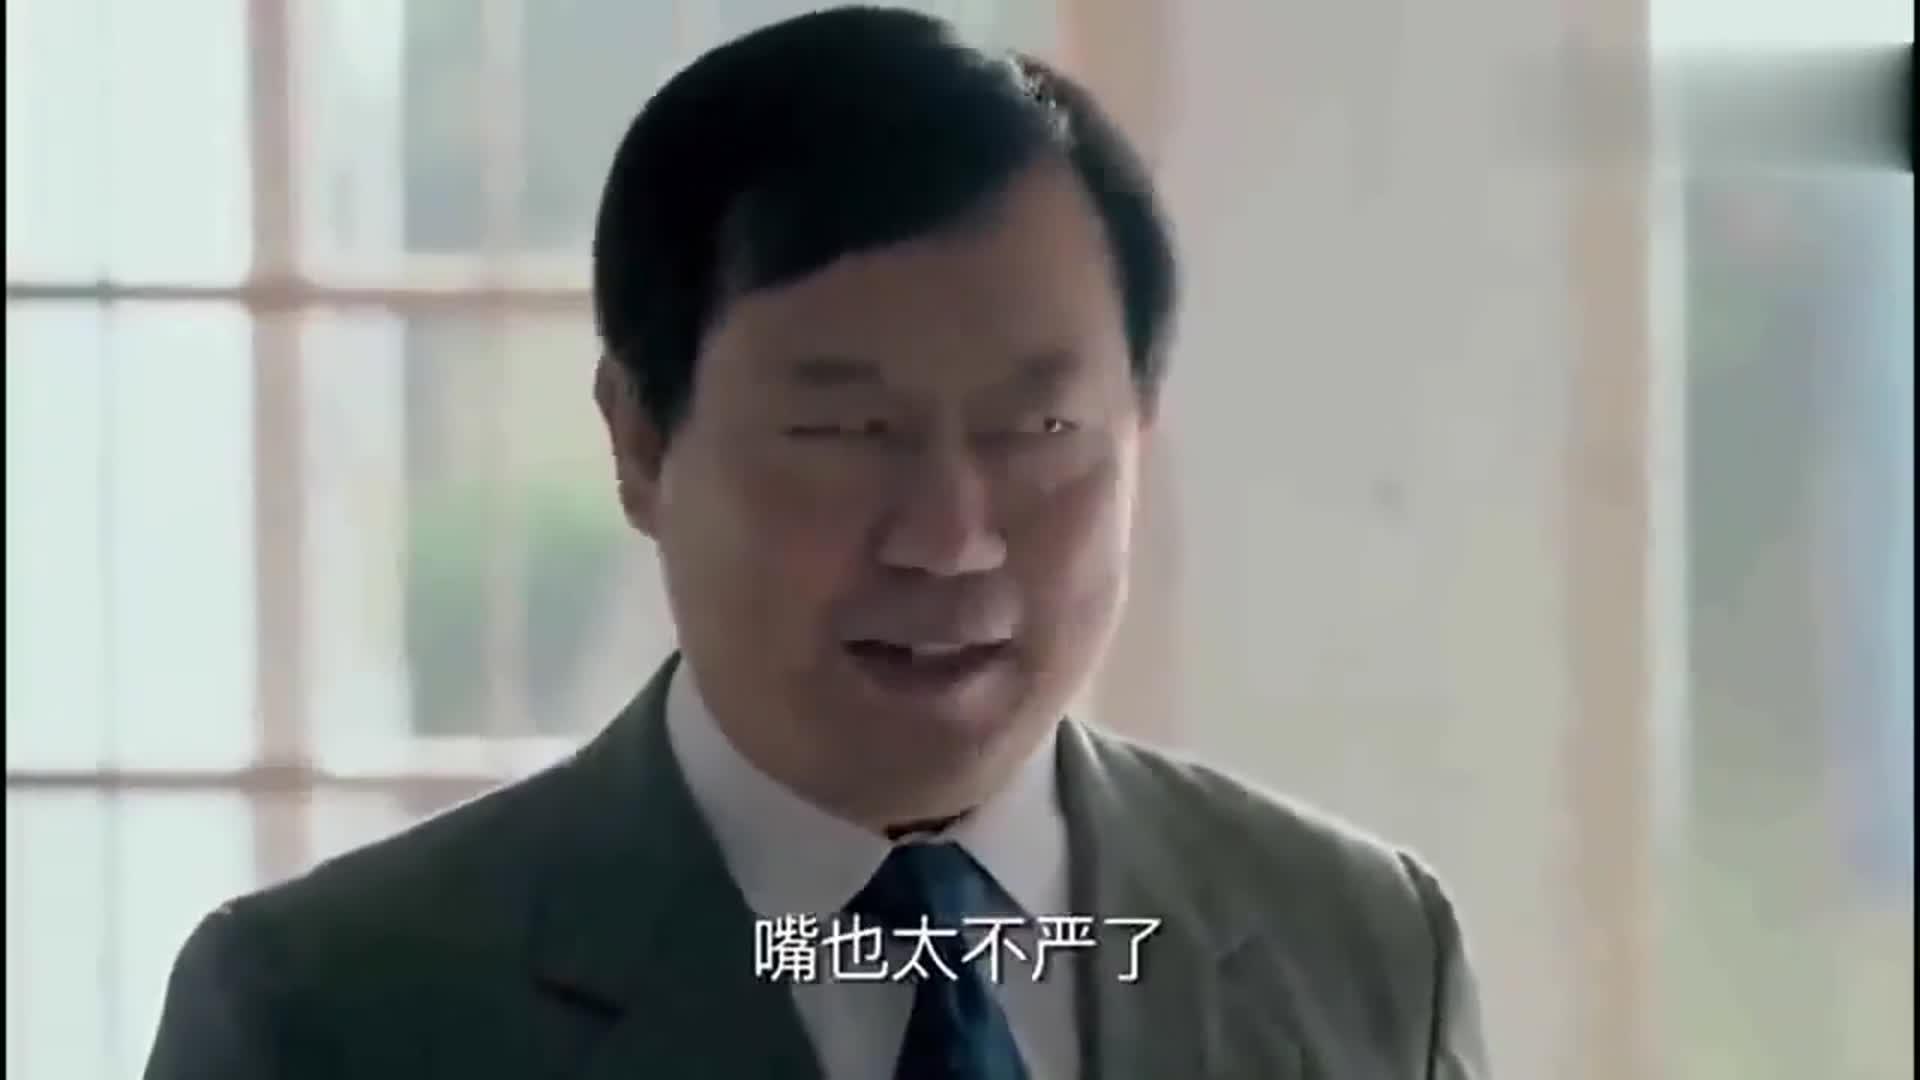 鸡毛飞上天:江河亲自跑了一趟原料进供商,原来柱子叔果真有猫腻